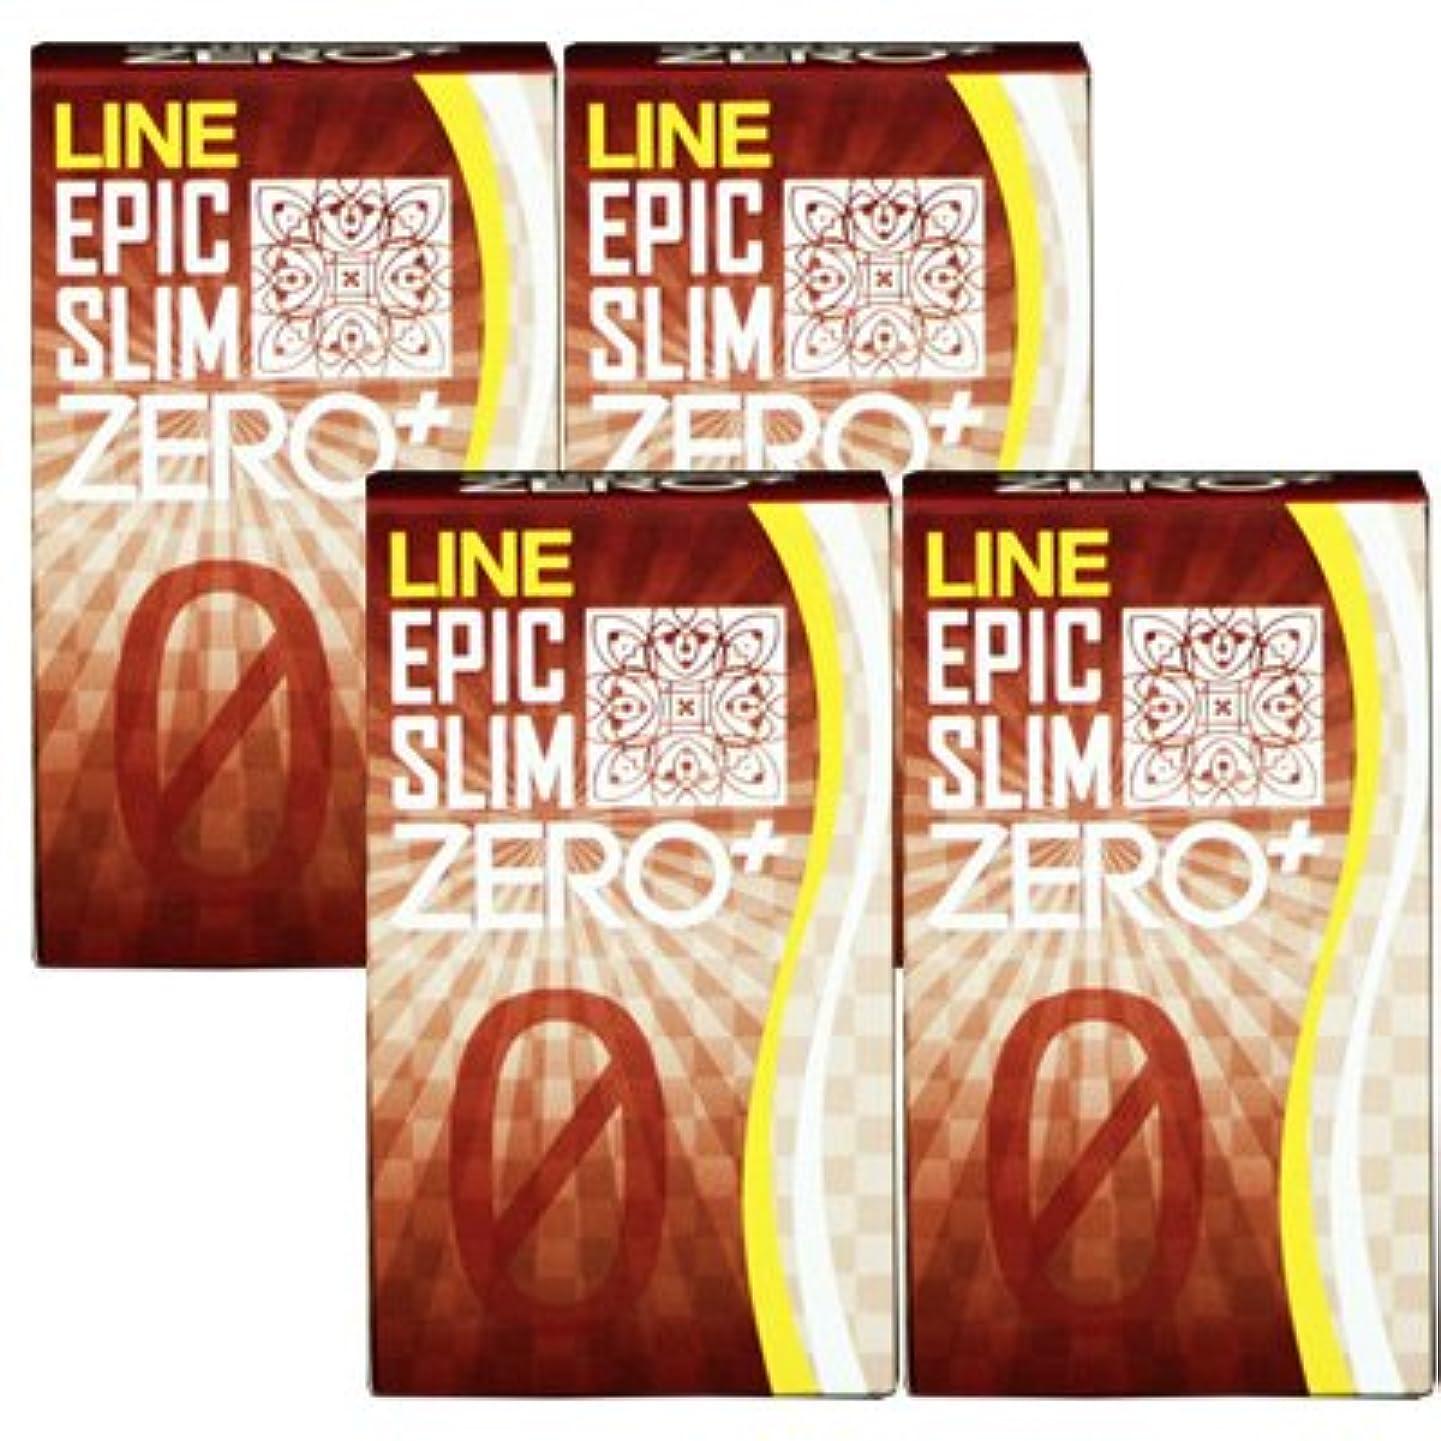 バースト幸運なドラマLINE エピックスリム ゼロ PLUS 4個セット Line Epic Slim ZERO PLUS ×4個